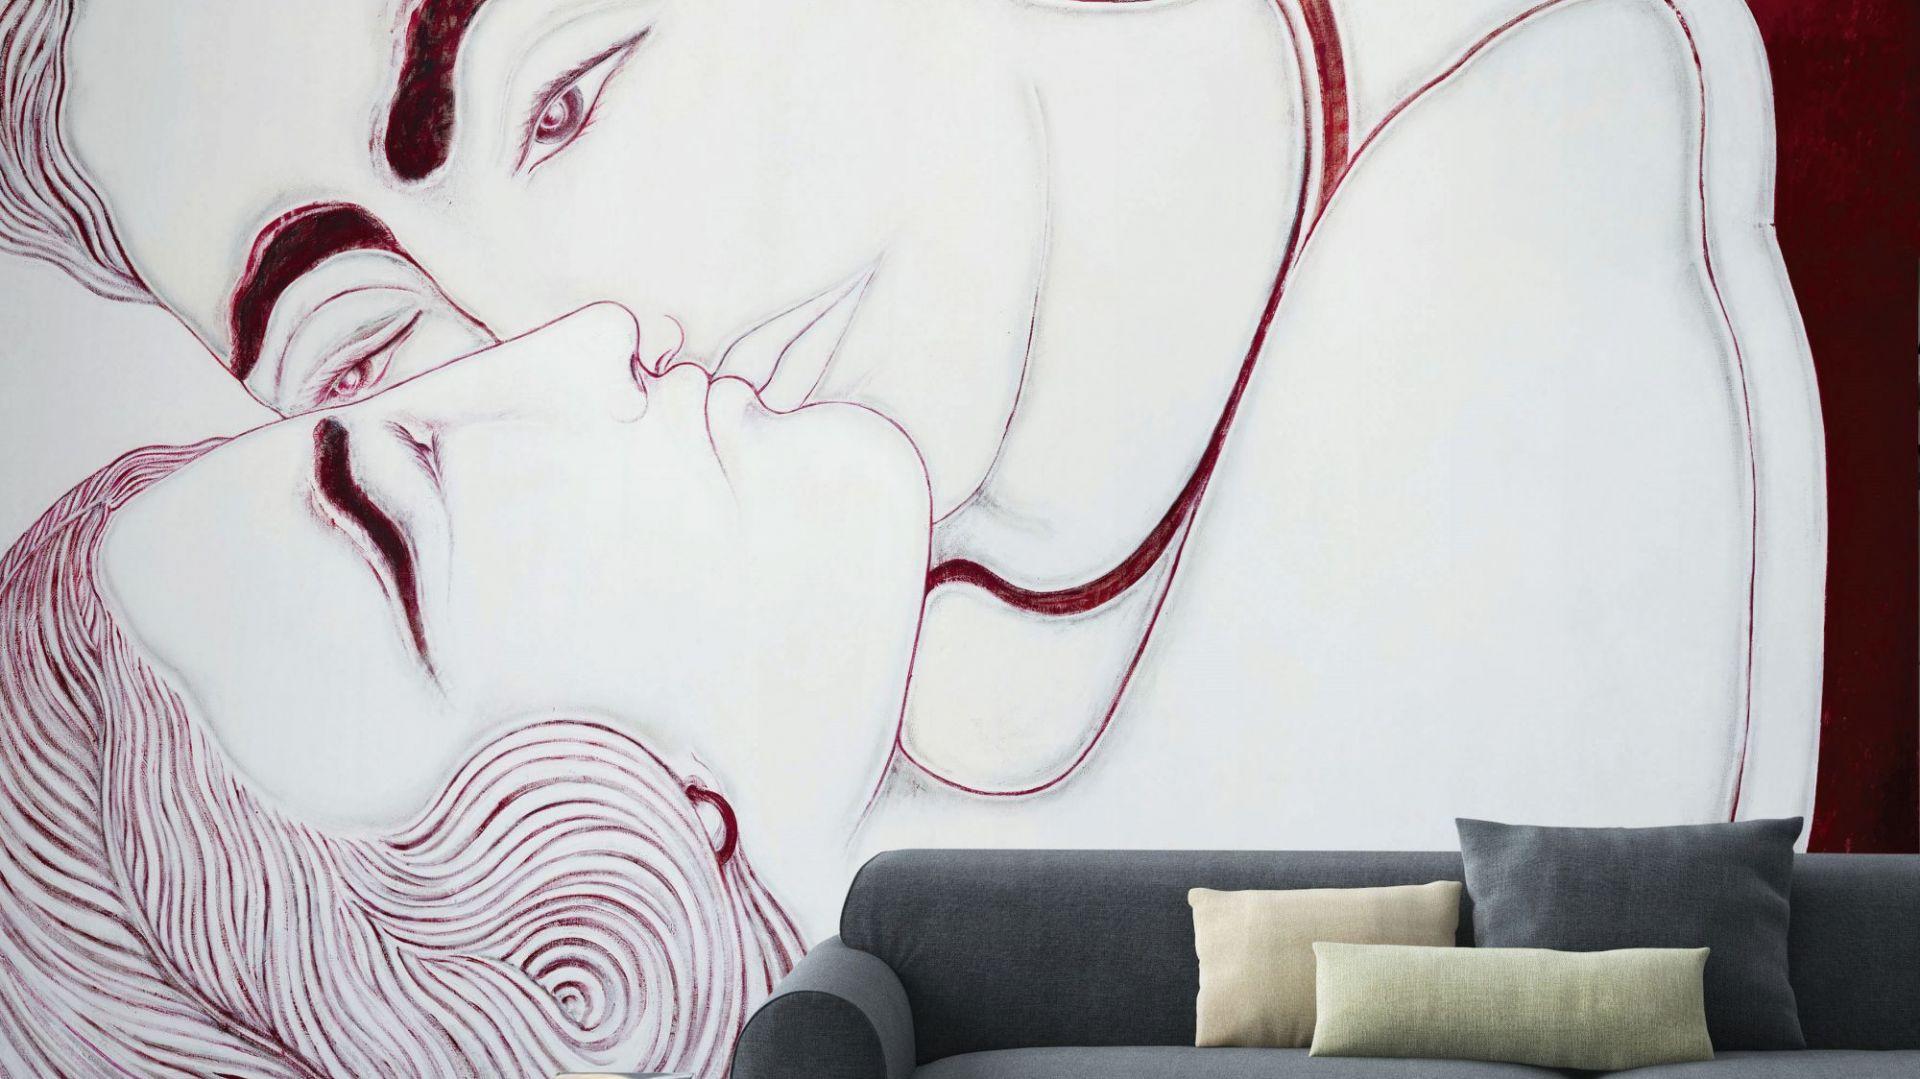 Tapeta Senza Titolo z kolekcji, której autorką jest projektantka Sofia Cacciapaglia. Przeskalowany wzór doda wnętrzu rozmachu. Na zamówienie. Fot. Wallpaper